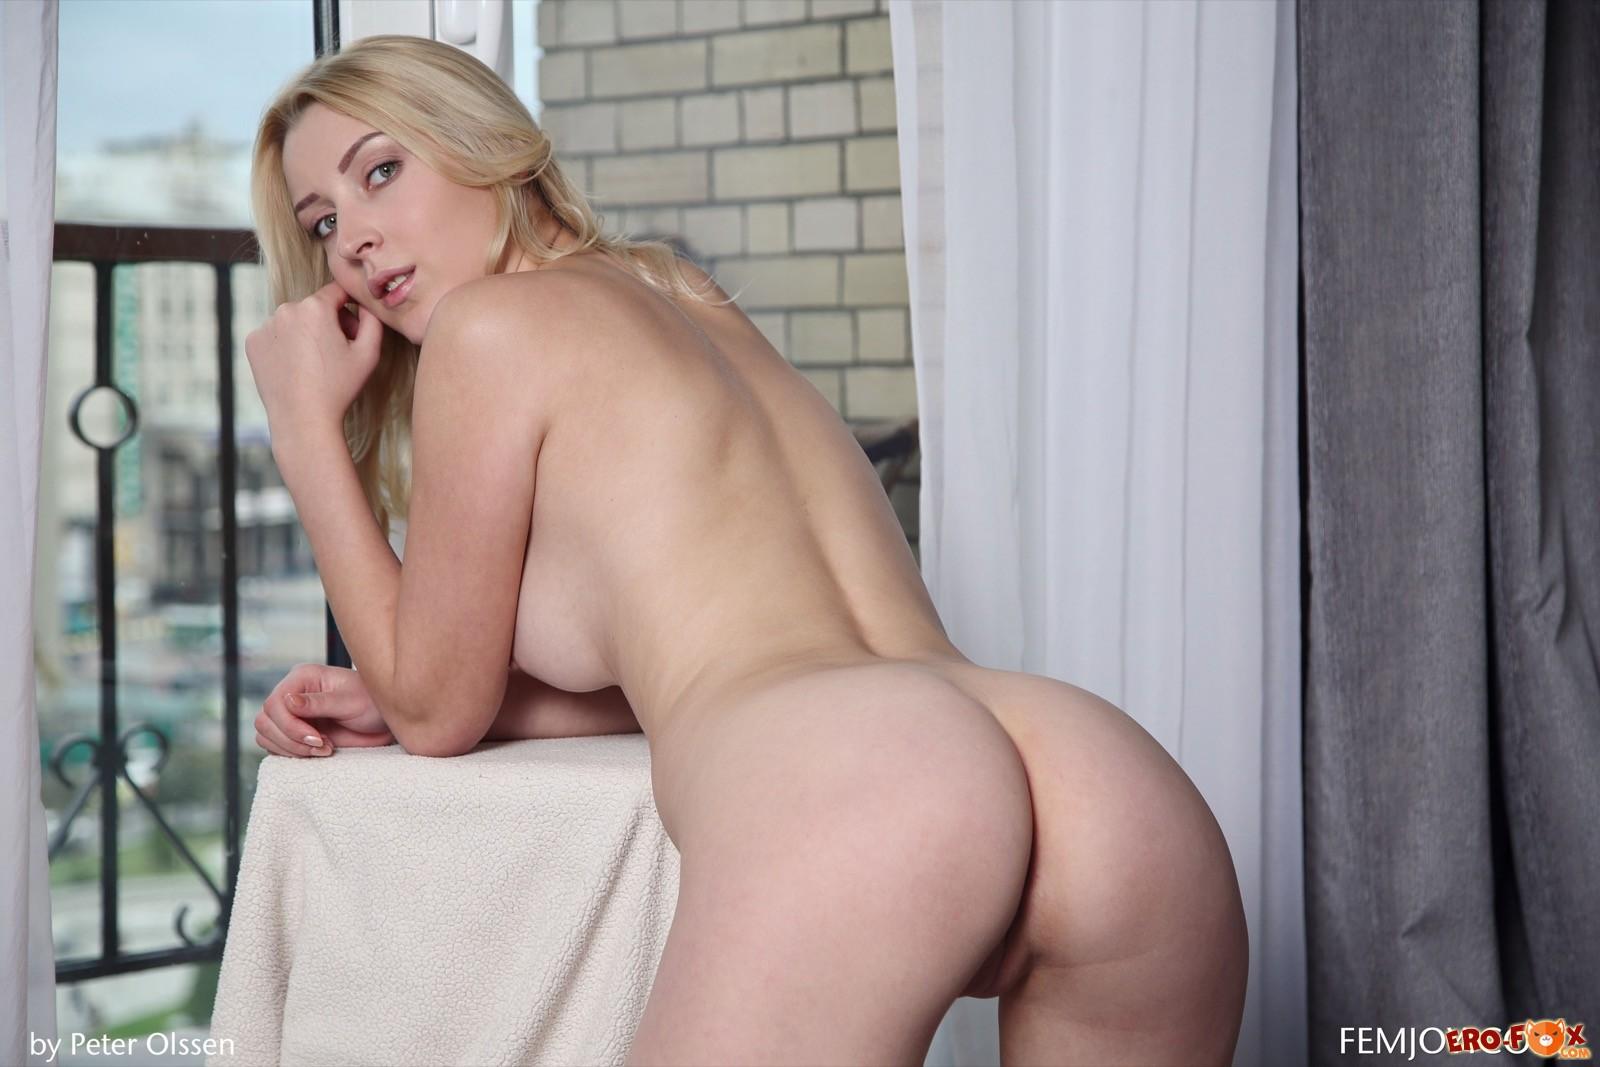 Блондинка со стройной фигурой оголяется у окна